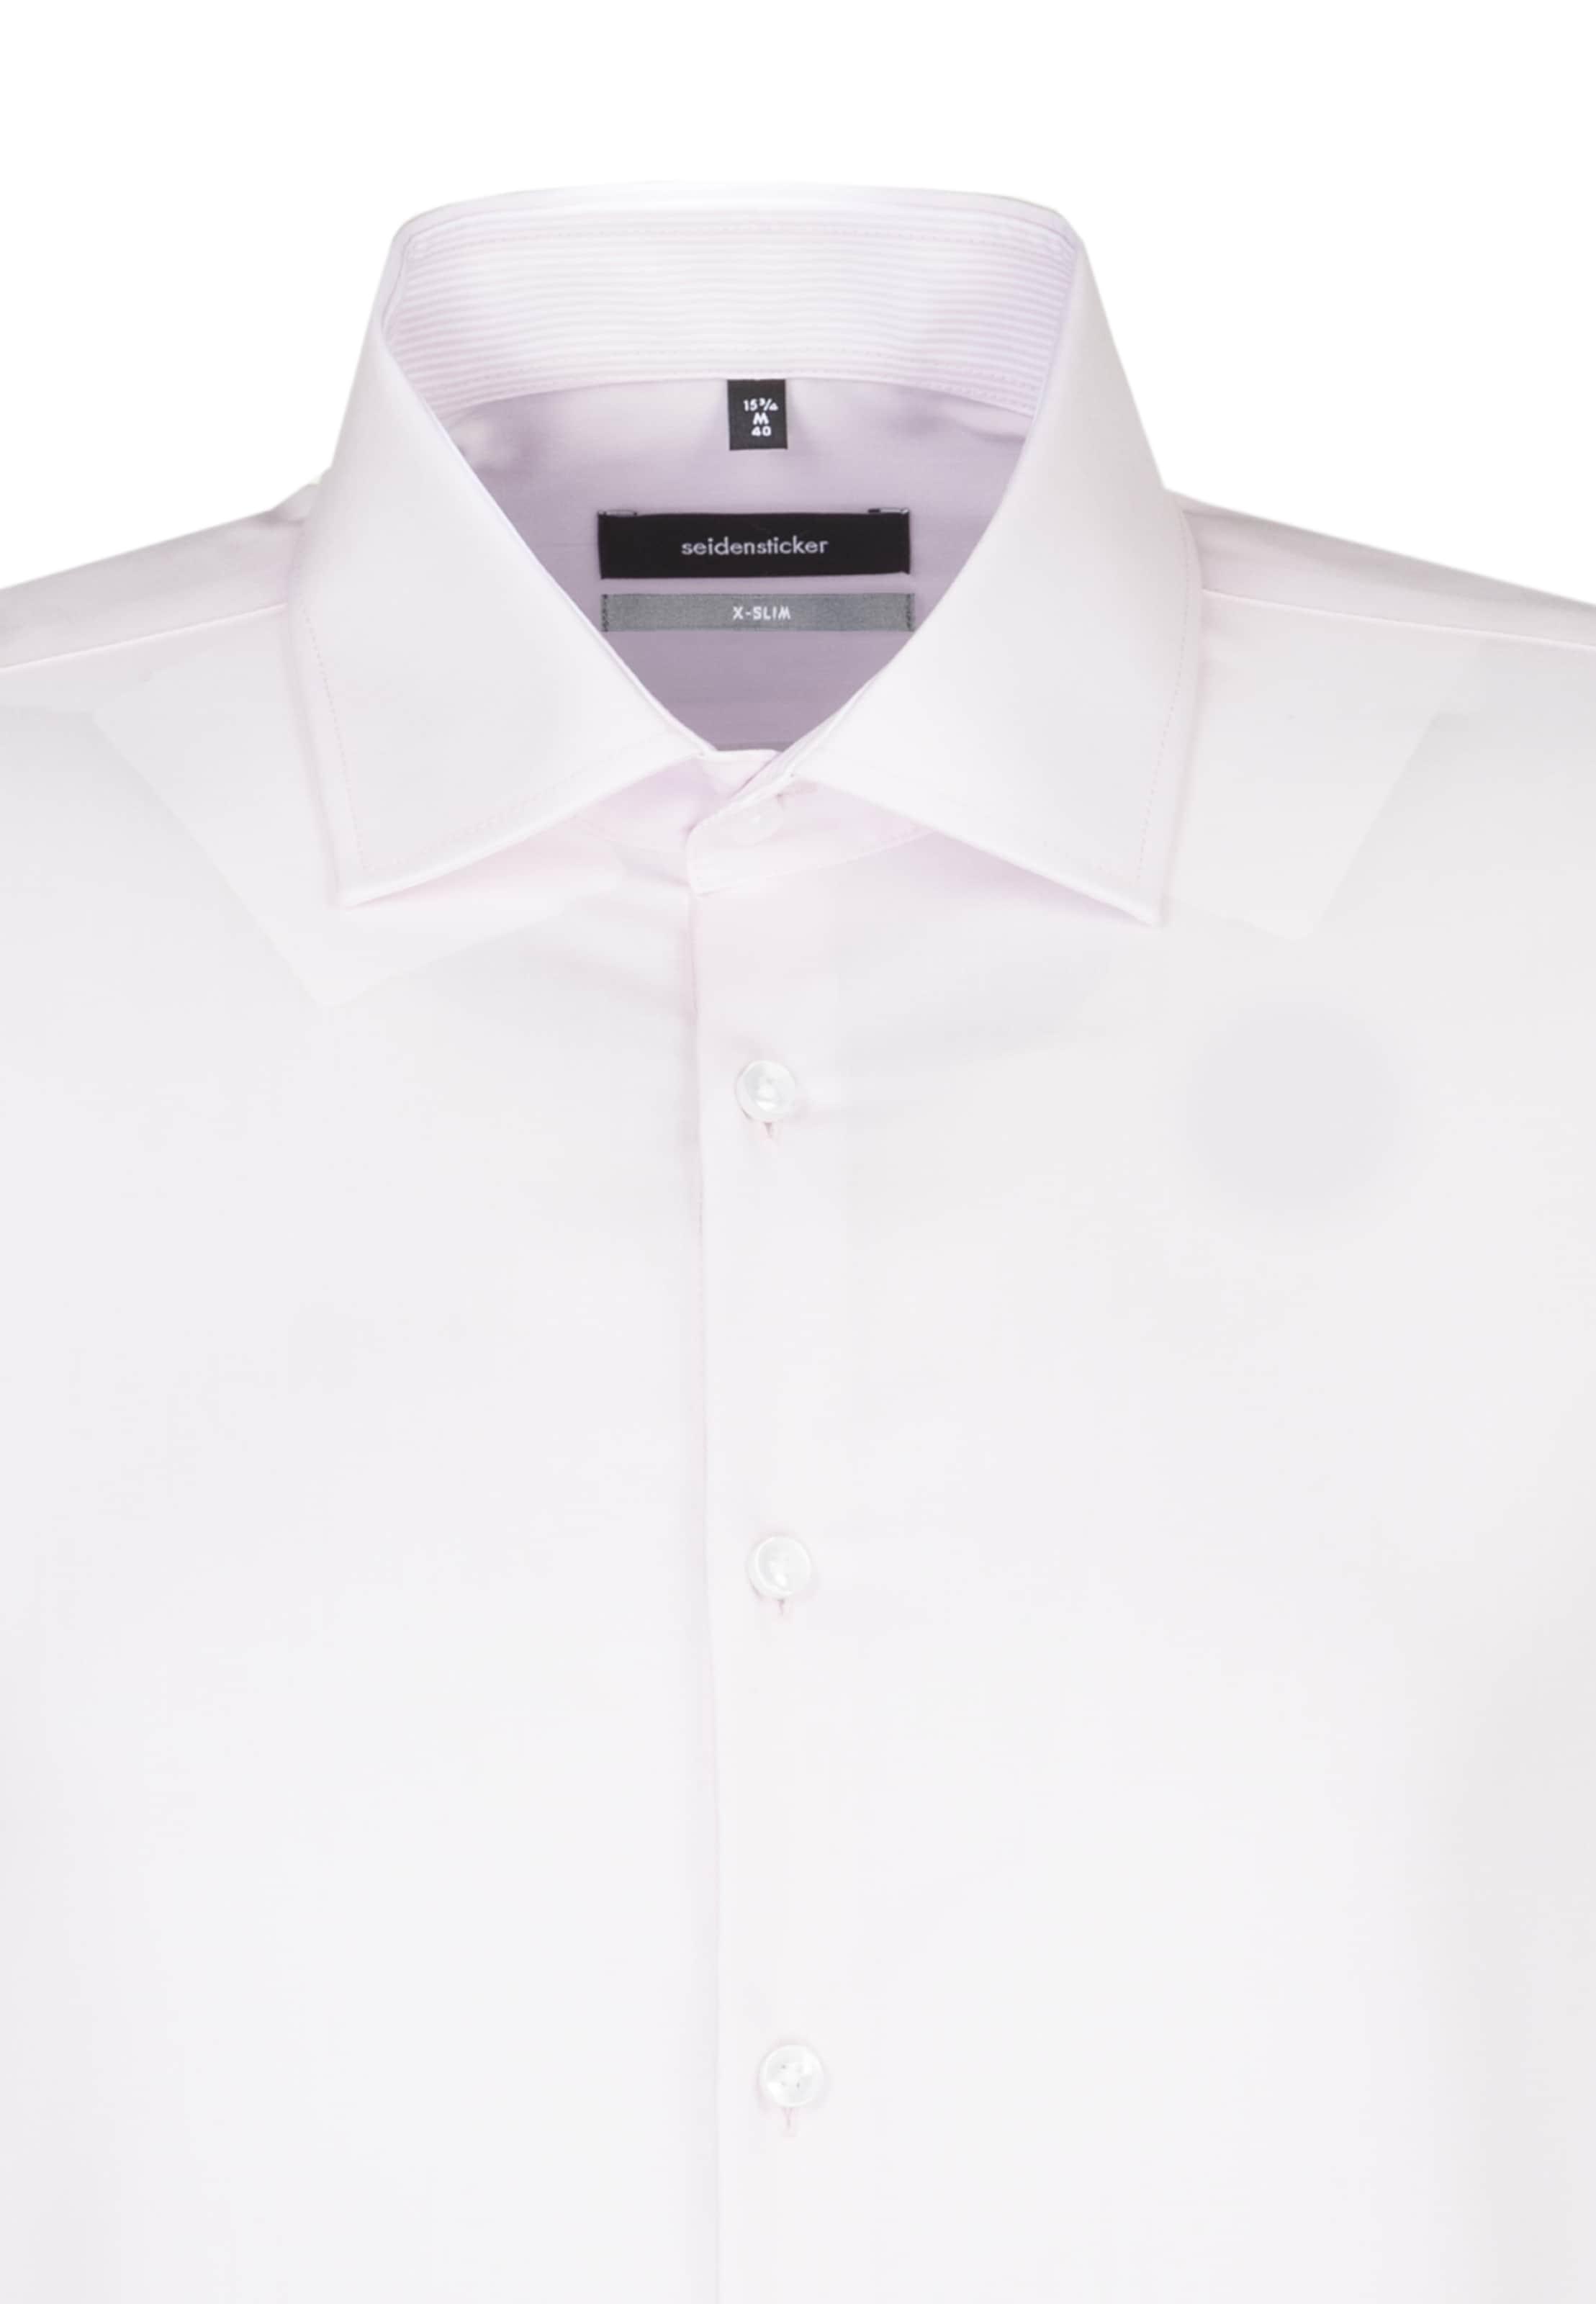 Spielraum Mit Mastercard SEIDENSTICKER City-Hemd ' X-Slim ' Billig Verkauf Blick Erhalten Online Kaufen uDIaO